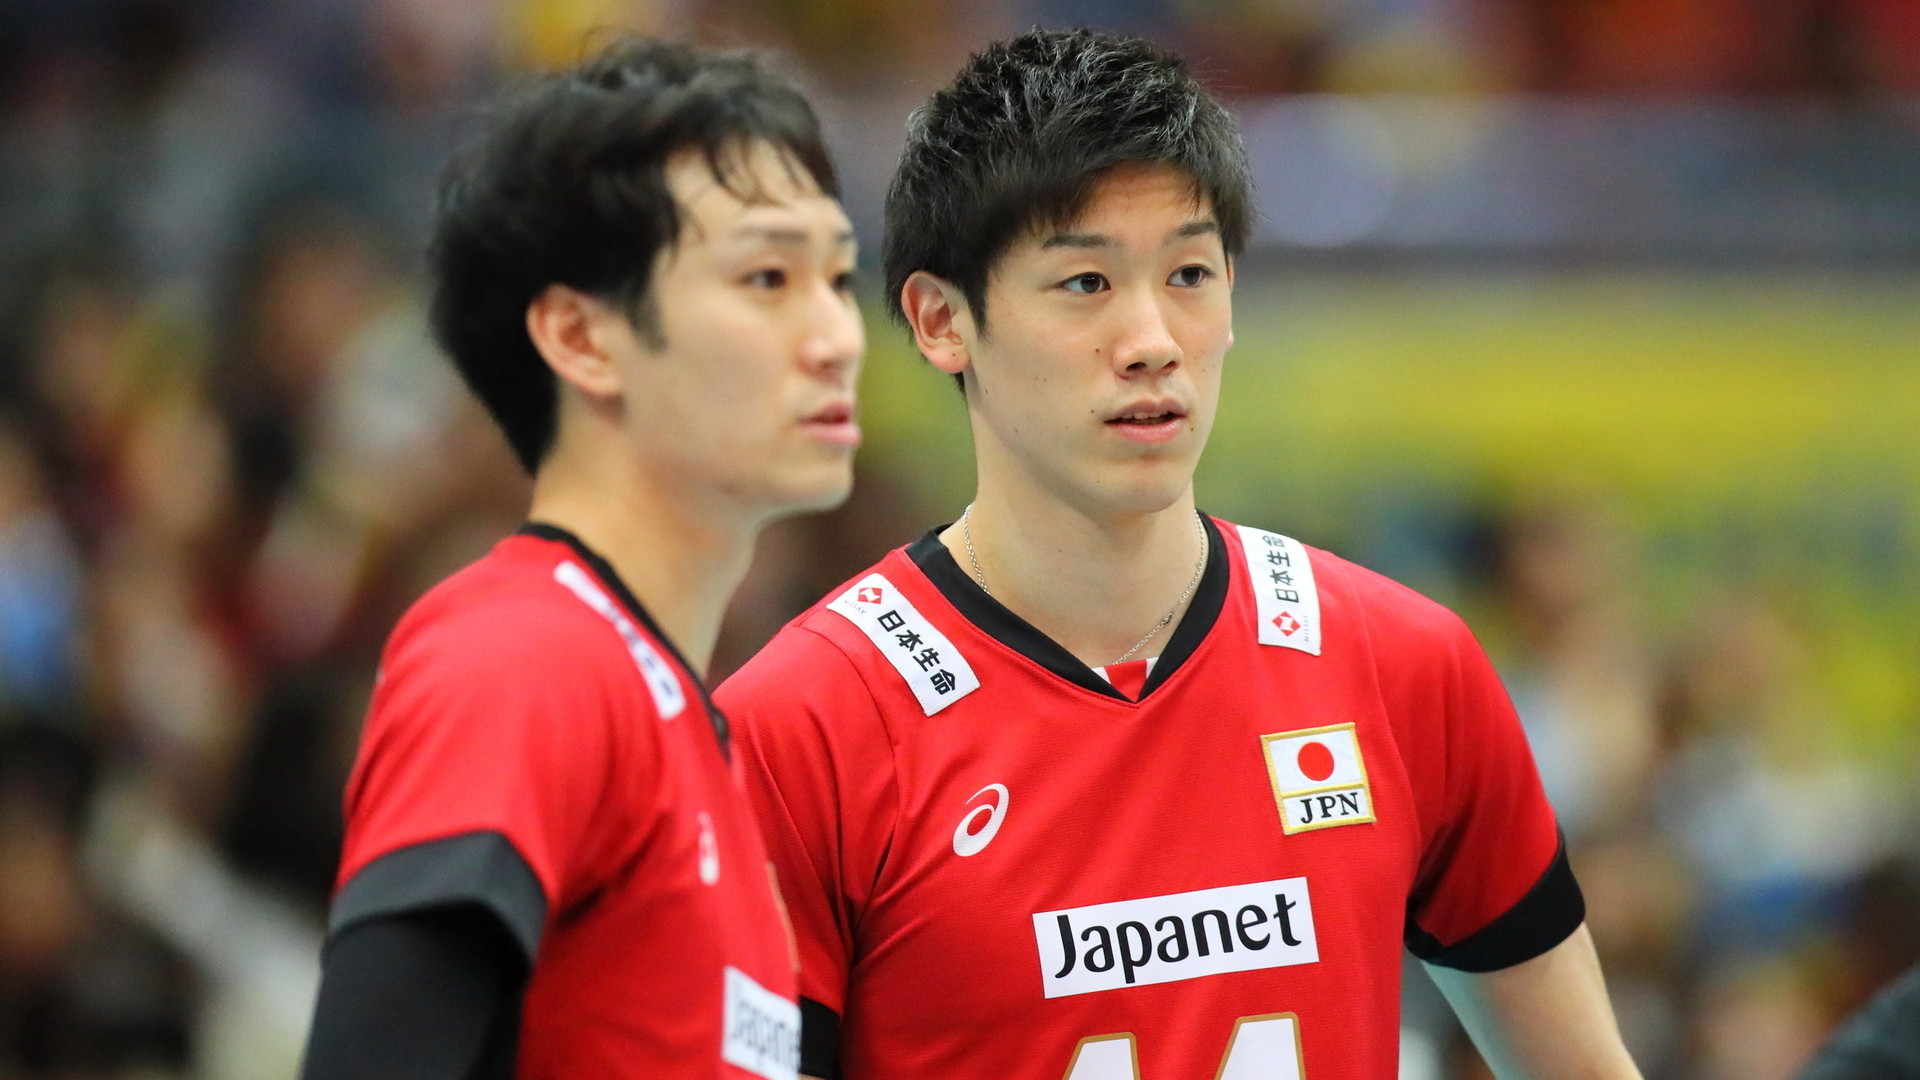 日本 男子 イケメン バレー 代表